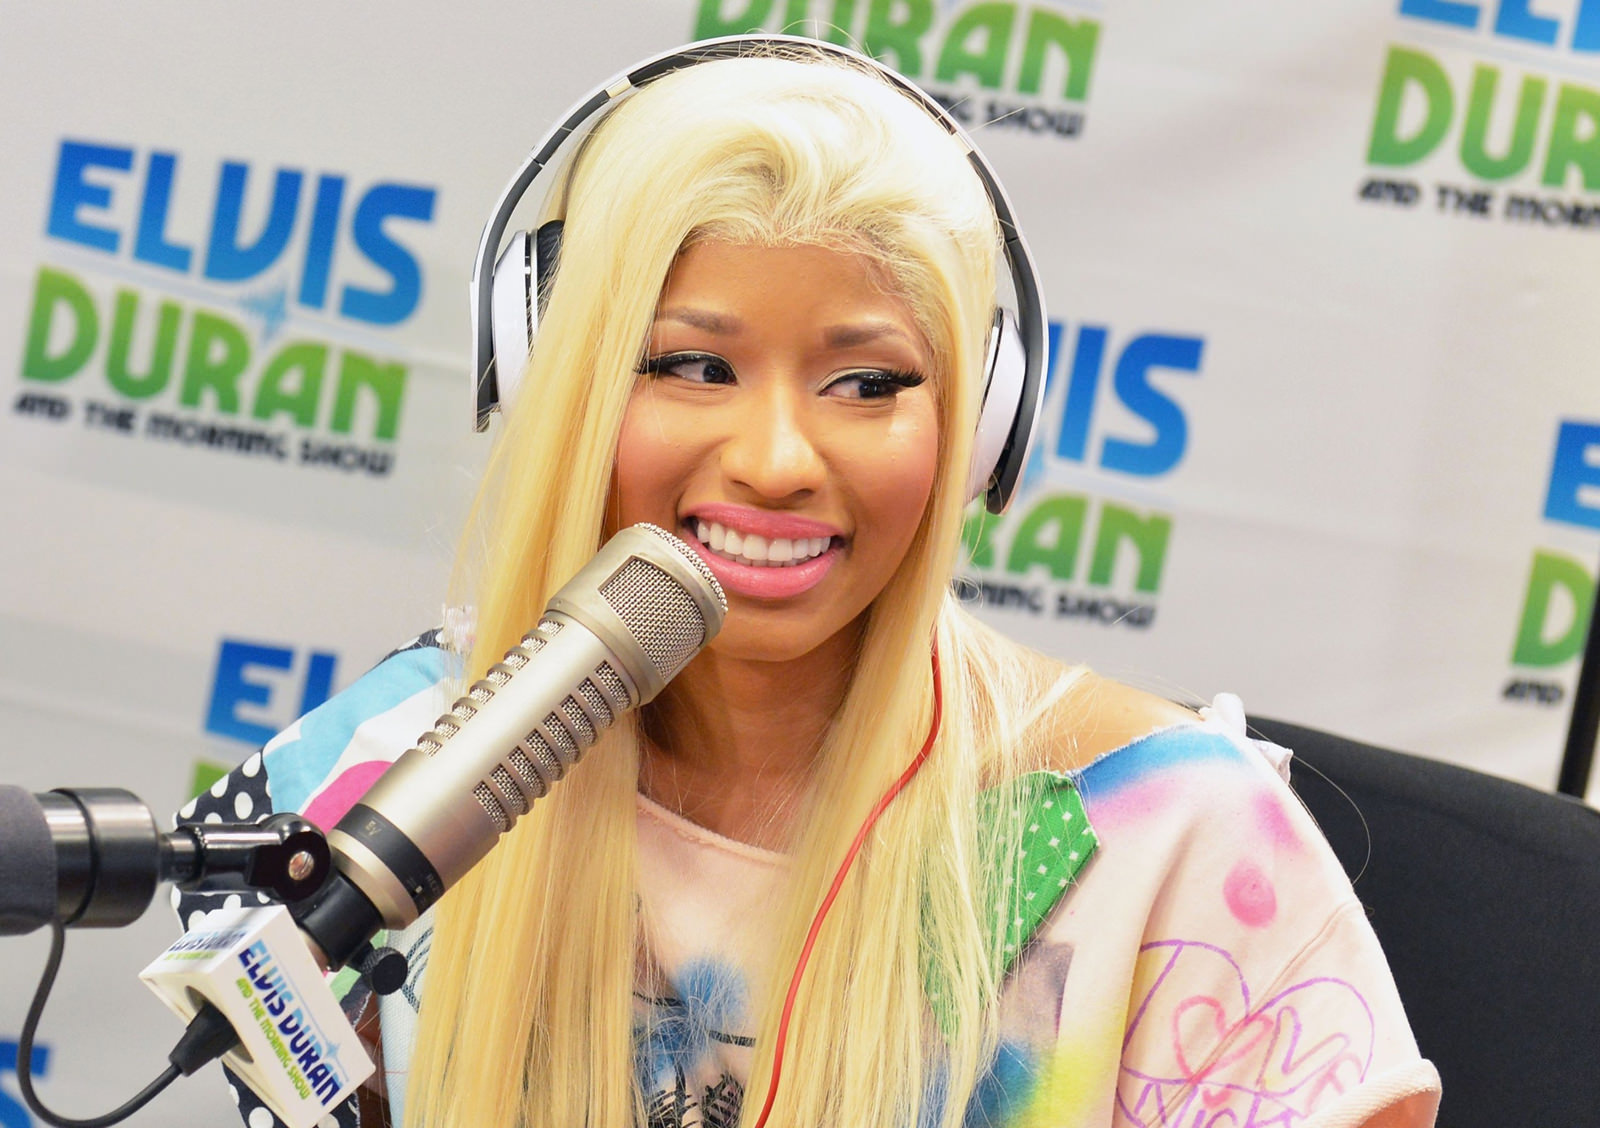 Nicki Minaj Photo Gallery